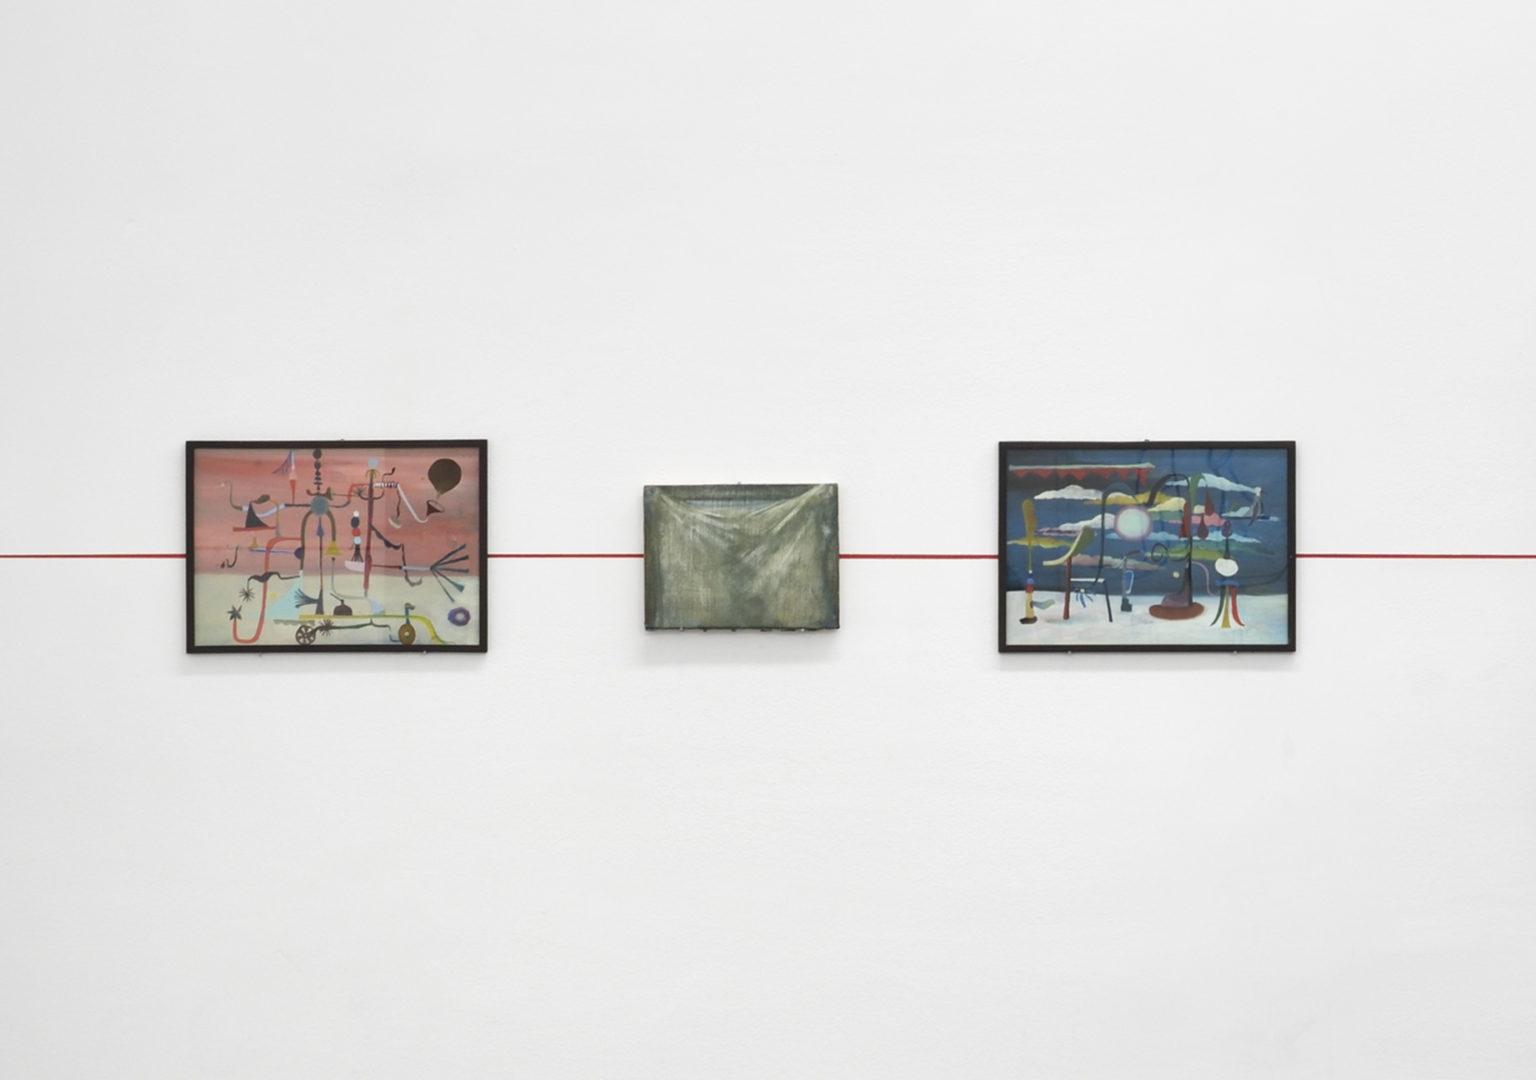 Vue de l'exposition La Ligne Rouge Chapitre Trois, Galerie Maïa Muller - 2018 ©Rebecca Fanuele